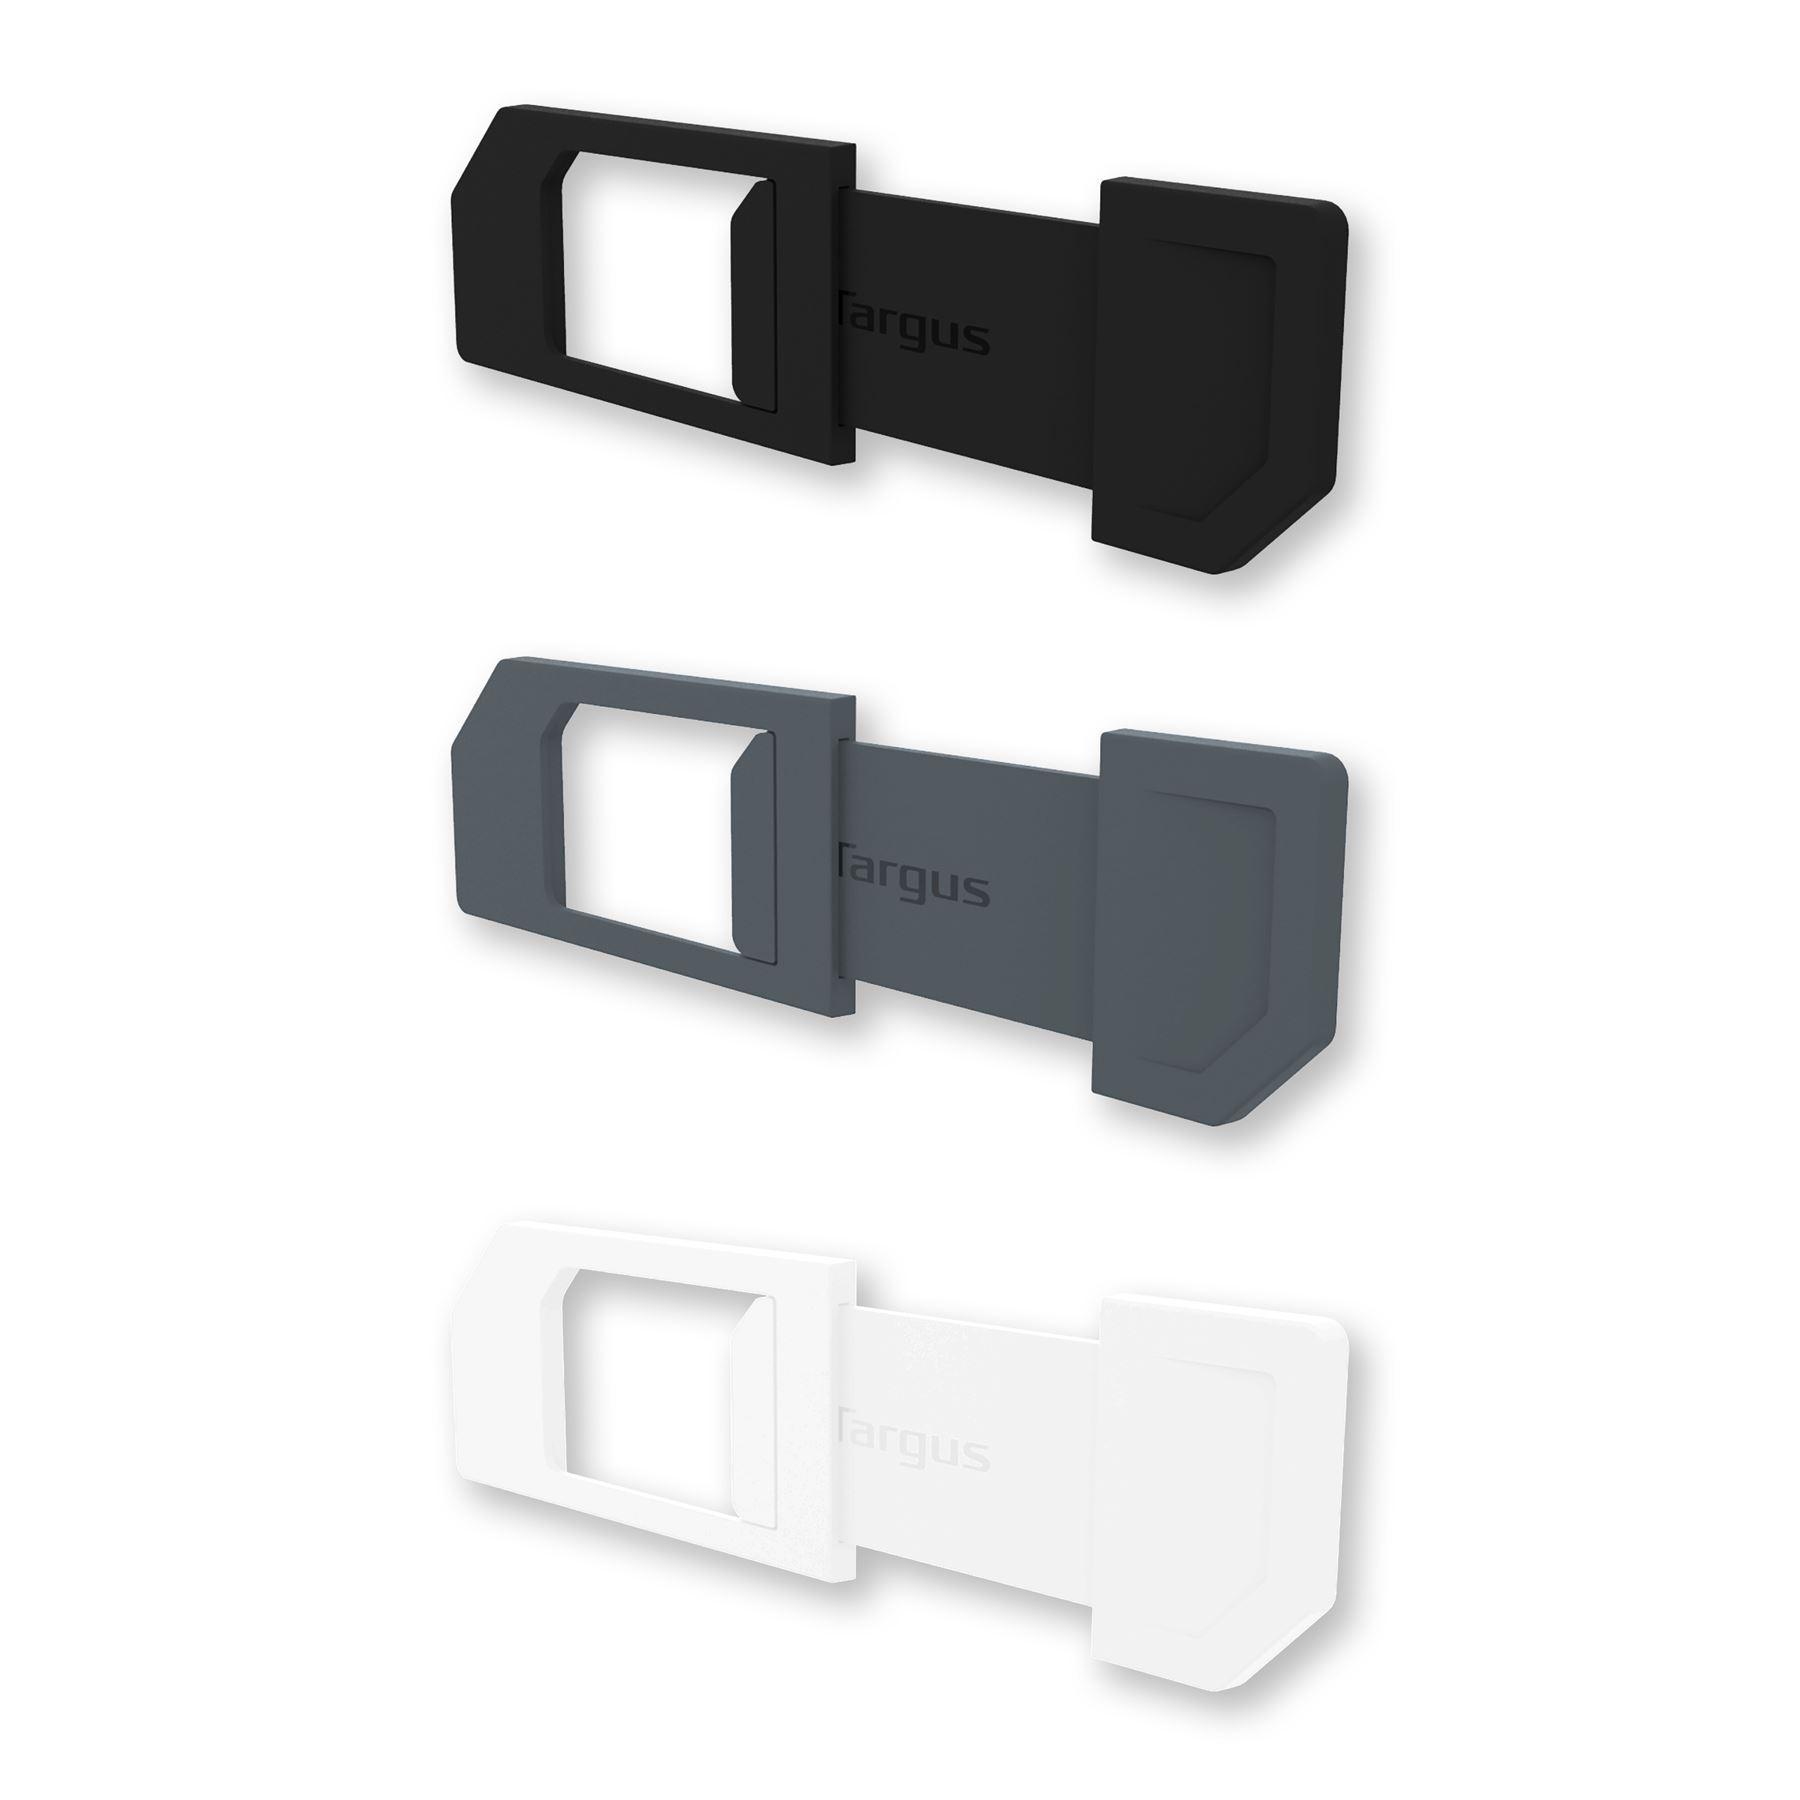 Targus - Webcam Cover 3 pack